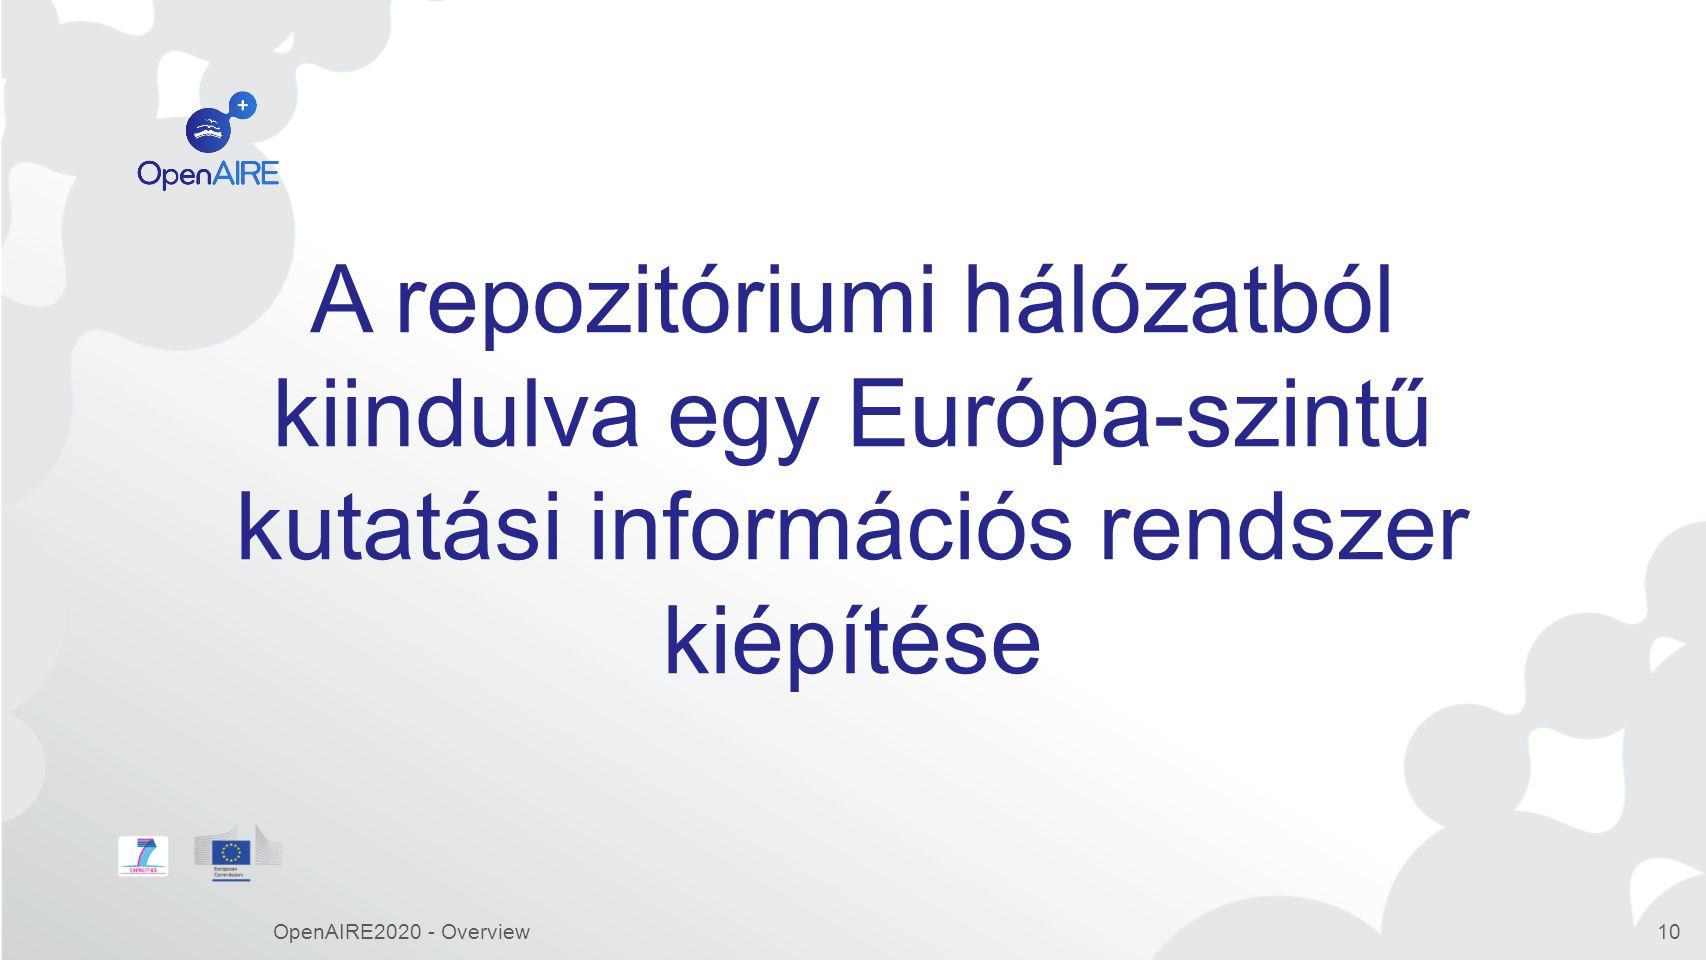 A repozitóriumi hálózatból kiindulva egy Európa-szintű kutatási információs rendszer kiépítése OpenAIRE2020 - Overview10